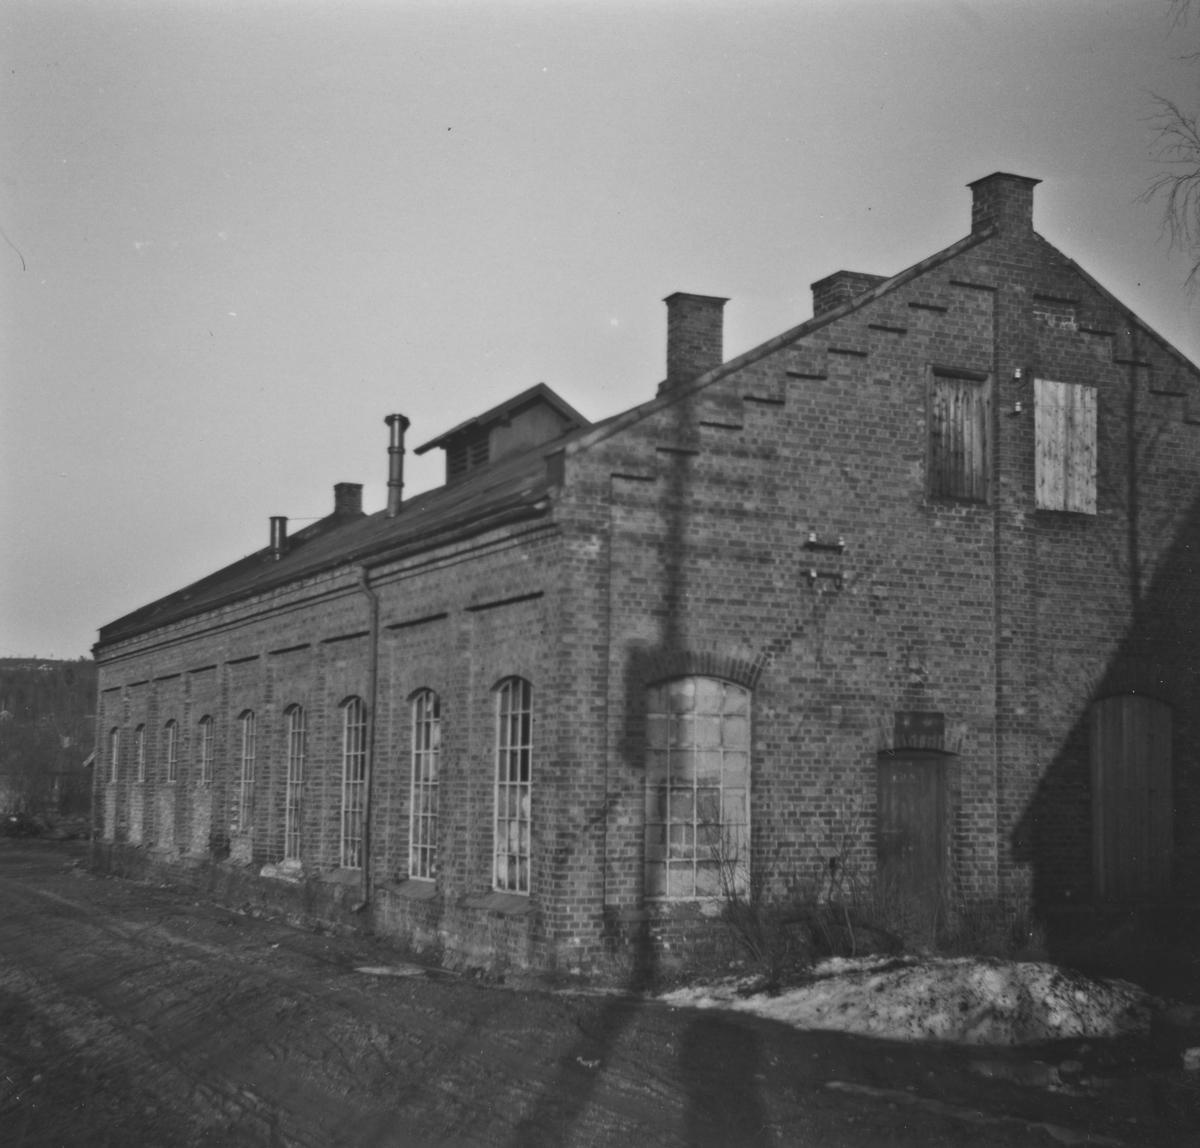 Urskog-Hølandsbanens lokomotivstall på Bjørkelangen ble tatt i bruk som bussgarasje etter banens nedleggelse.